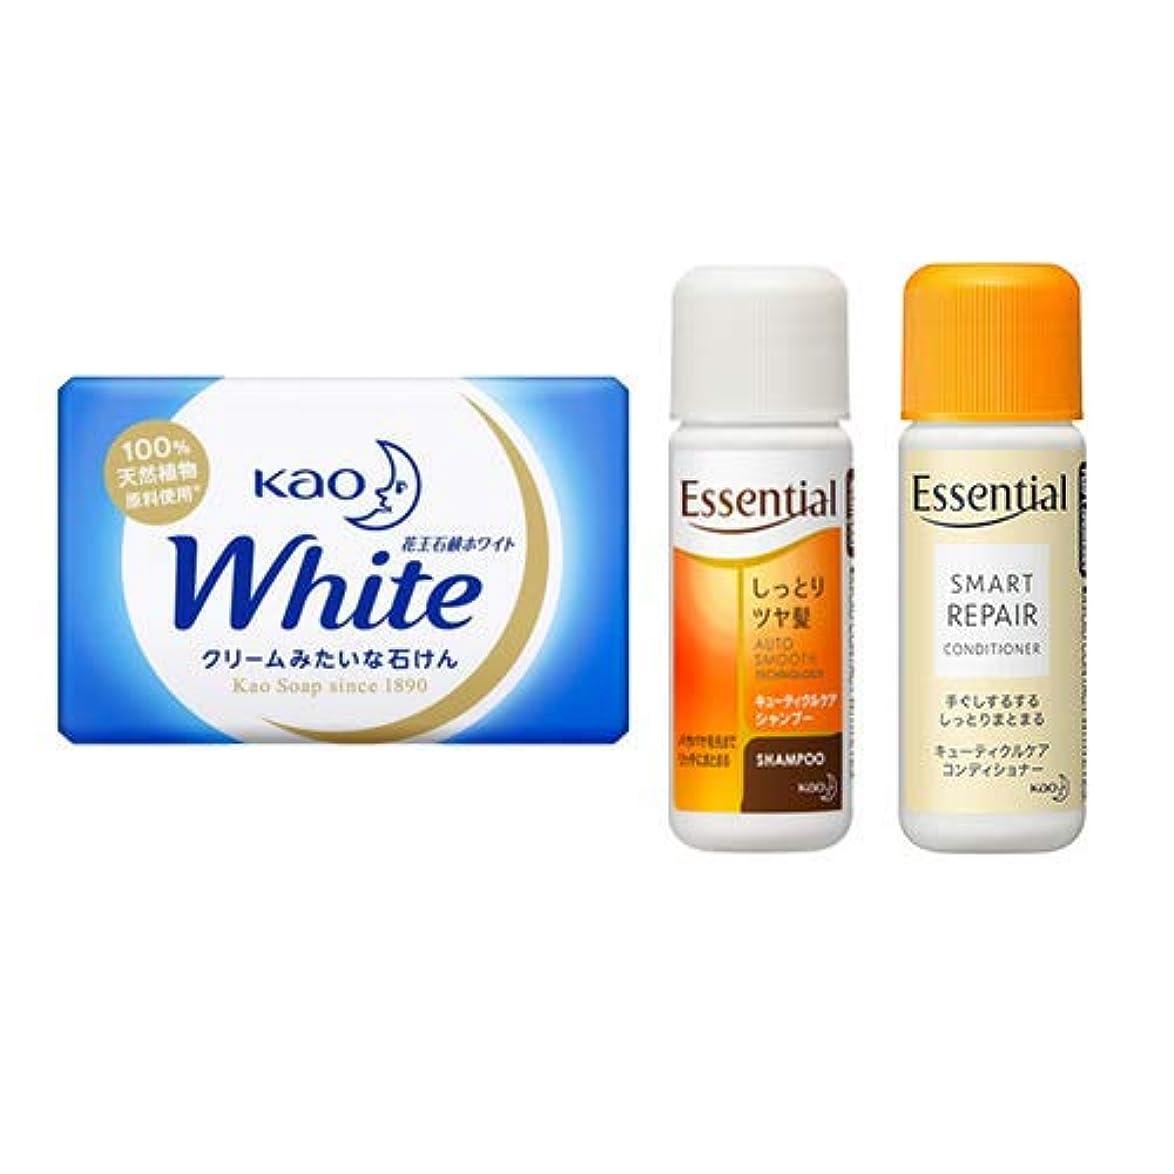 拡大するアセンブリ暖炉花王(KAO) 石鹸ホワイト(Kao Soap White) 15g + エッセンシャルシャンプー 16ml + コンディショナー 16ml セット